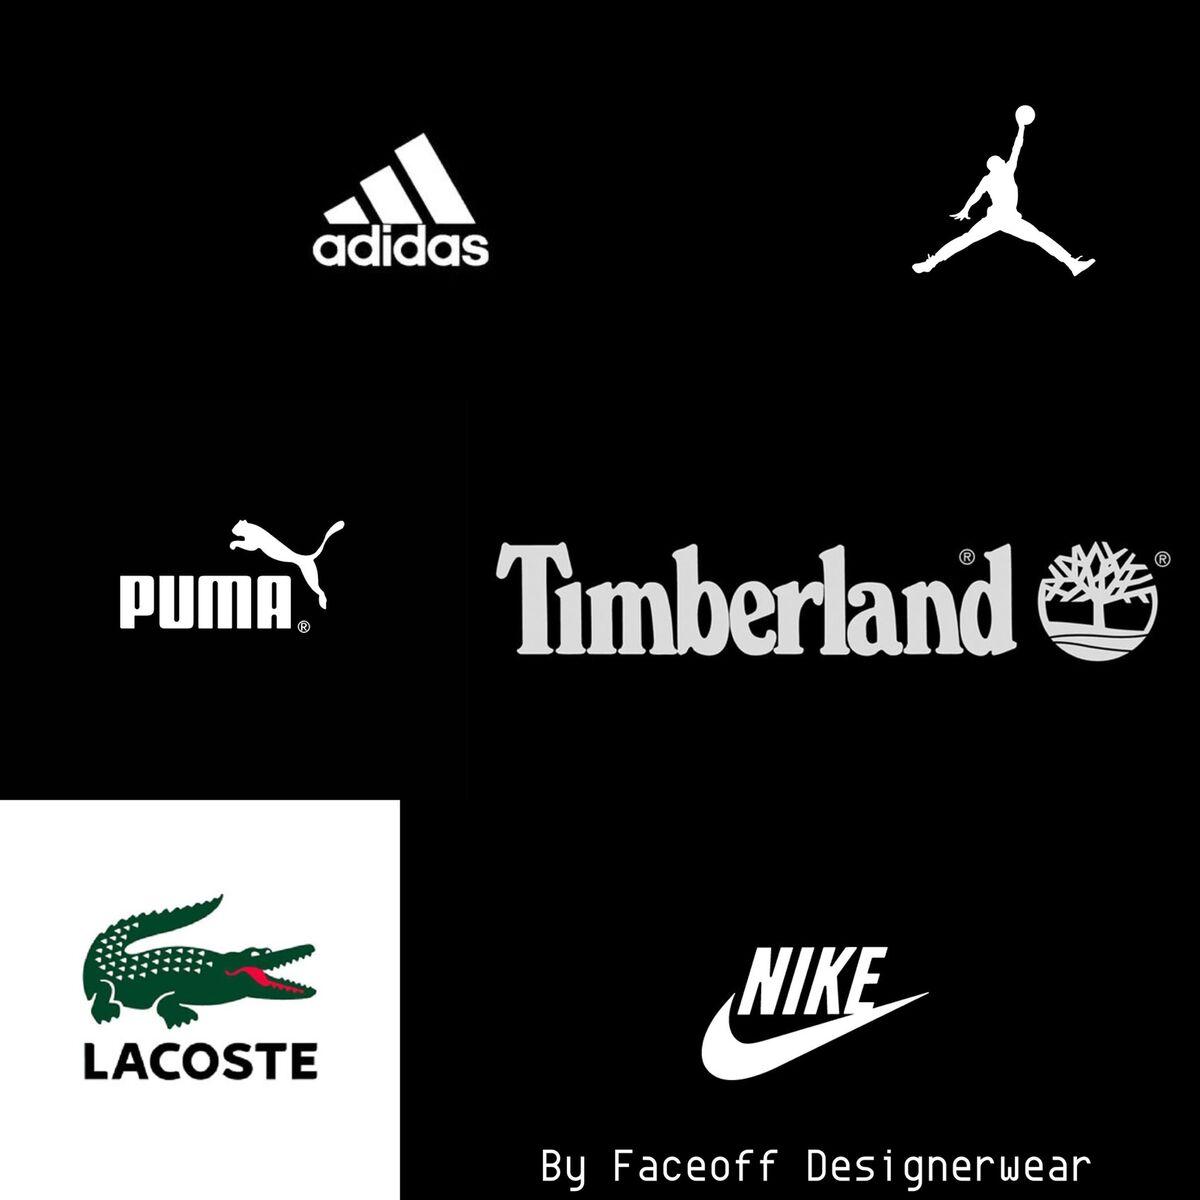 Faceoff Designerwear